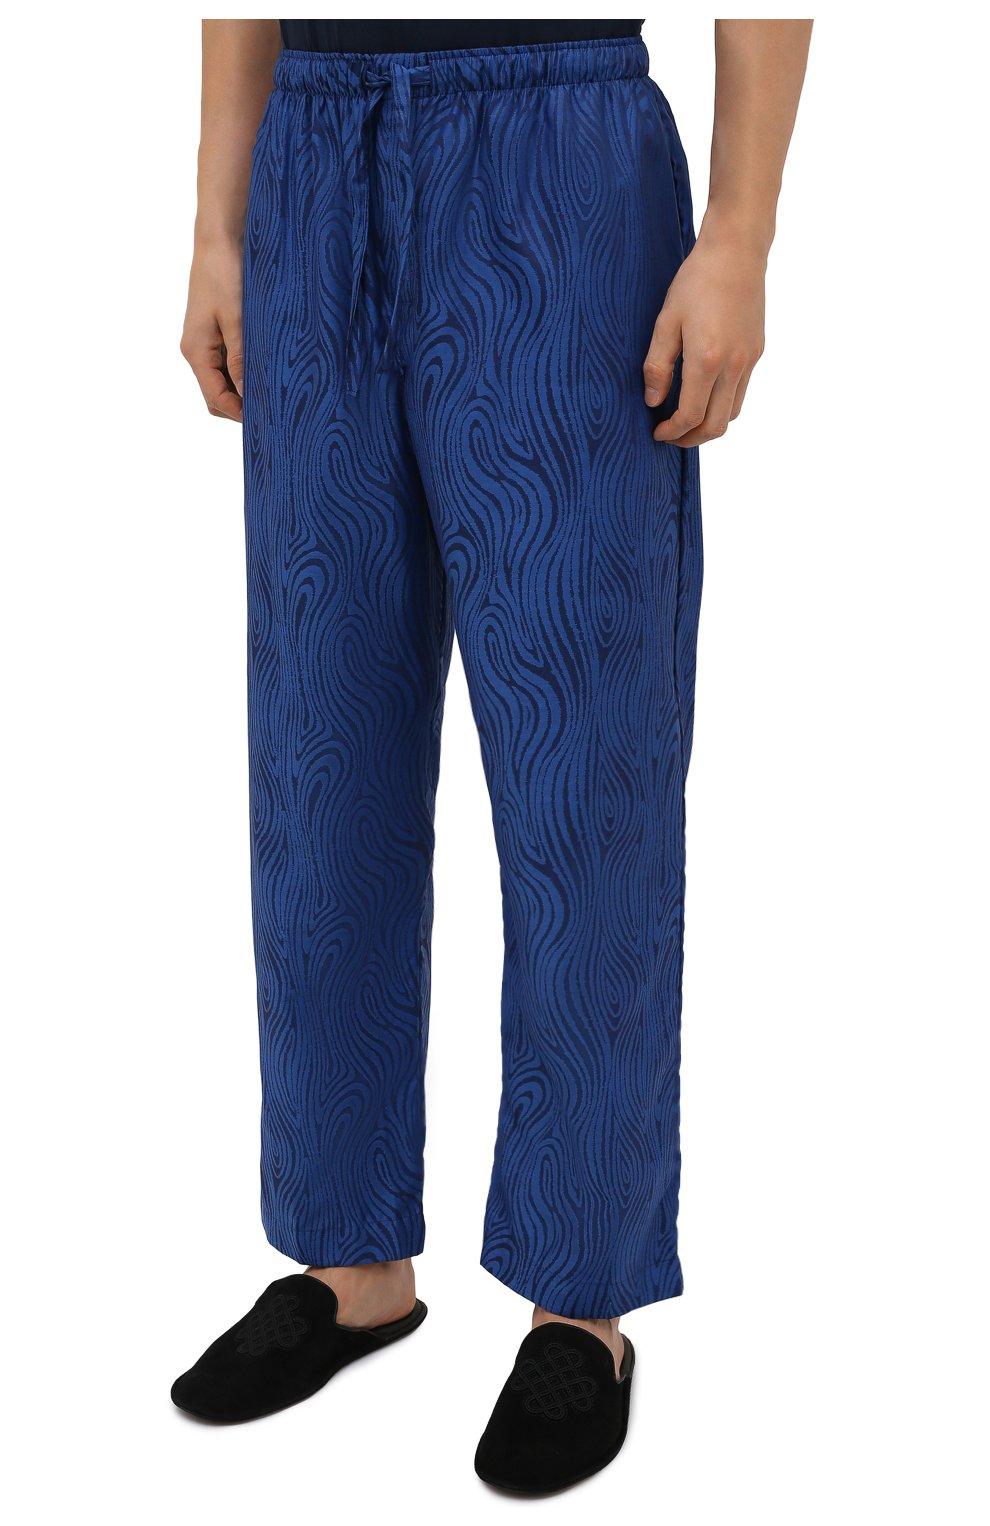 Мужские хлопковые домашние брюки DEREK ROSE синего цвета, арт. 3564-PARI020 | Фото 3 (Длина (брюки, джинсы): Стандартные; Кросс-КТ: домашняя одежда; Мужское Кросс-КТ: Брюки-белье; Материал внешний: Хлопок)